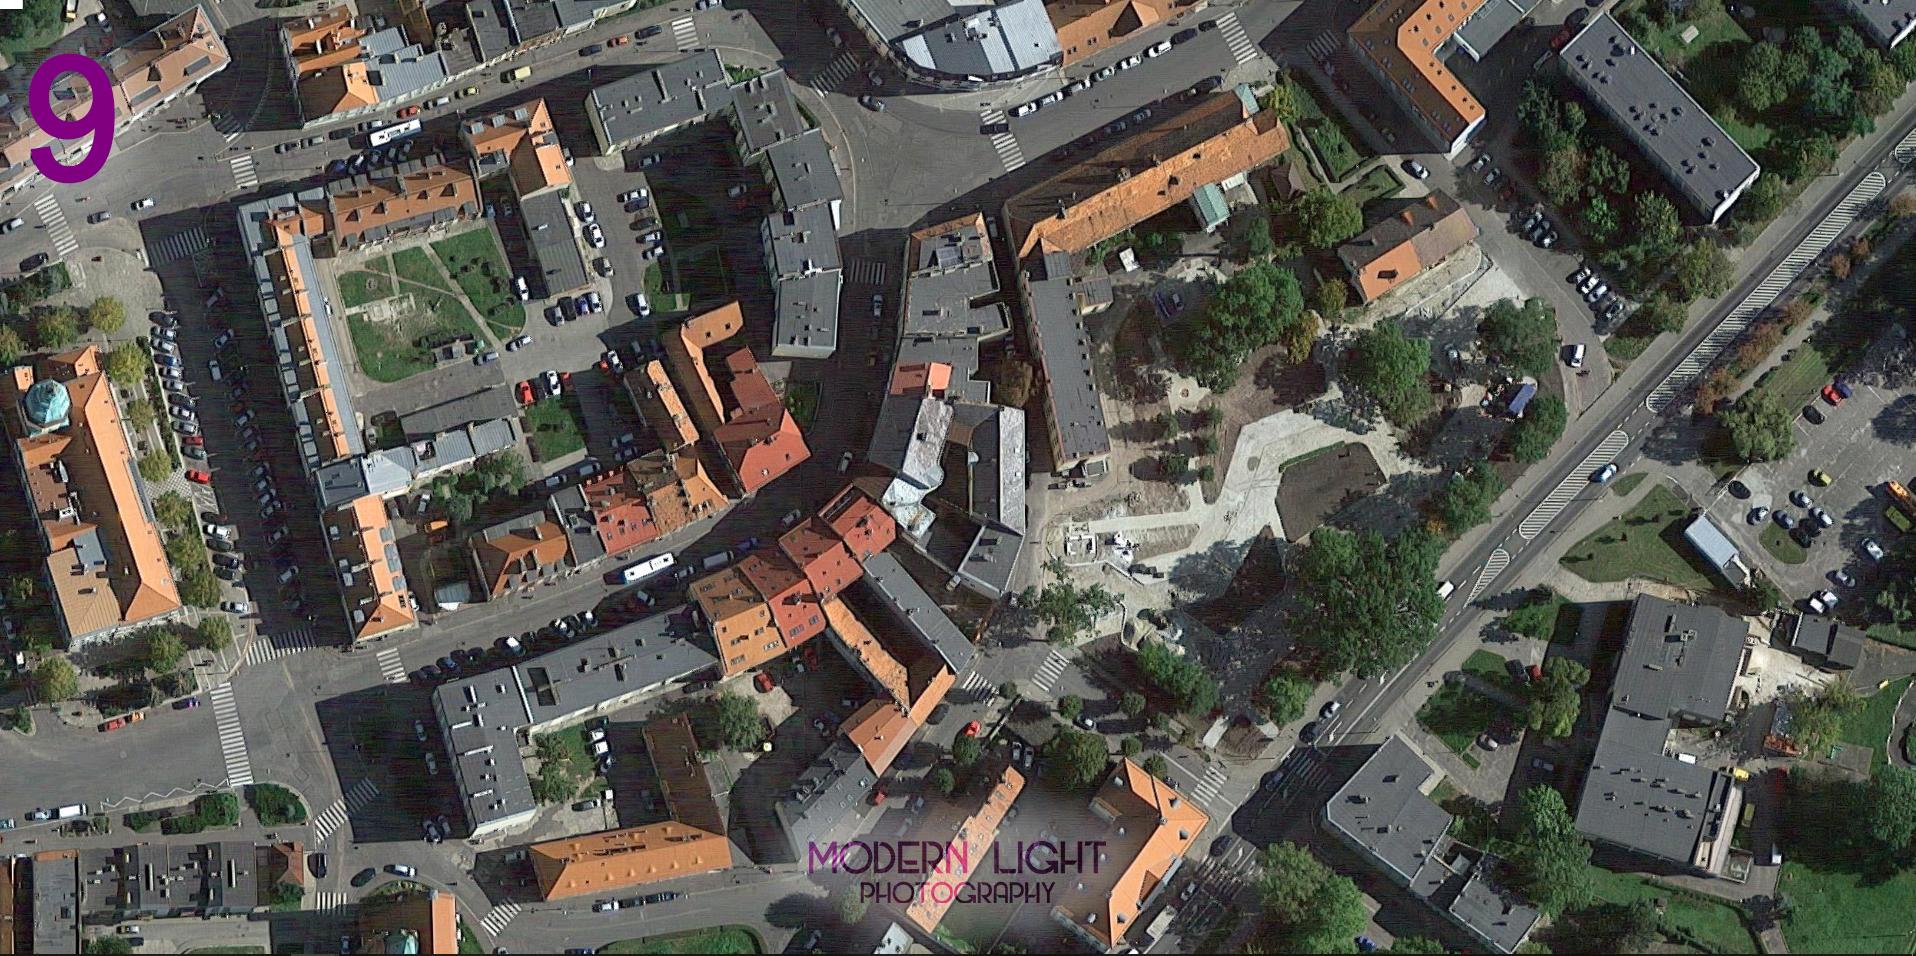 Fotografia Oława Wrocław, packshot, fotografia reklamowa, fotografia produktowa, fotograf, zdjęcia, zdjęcia bezcieniowe